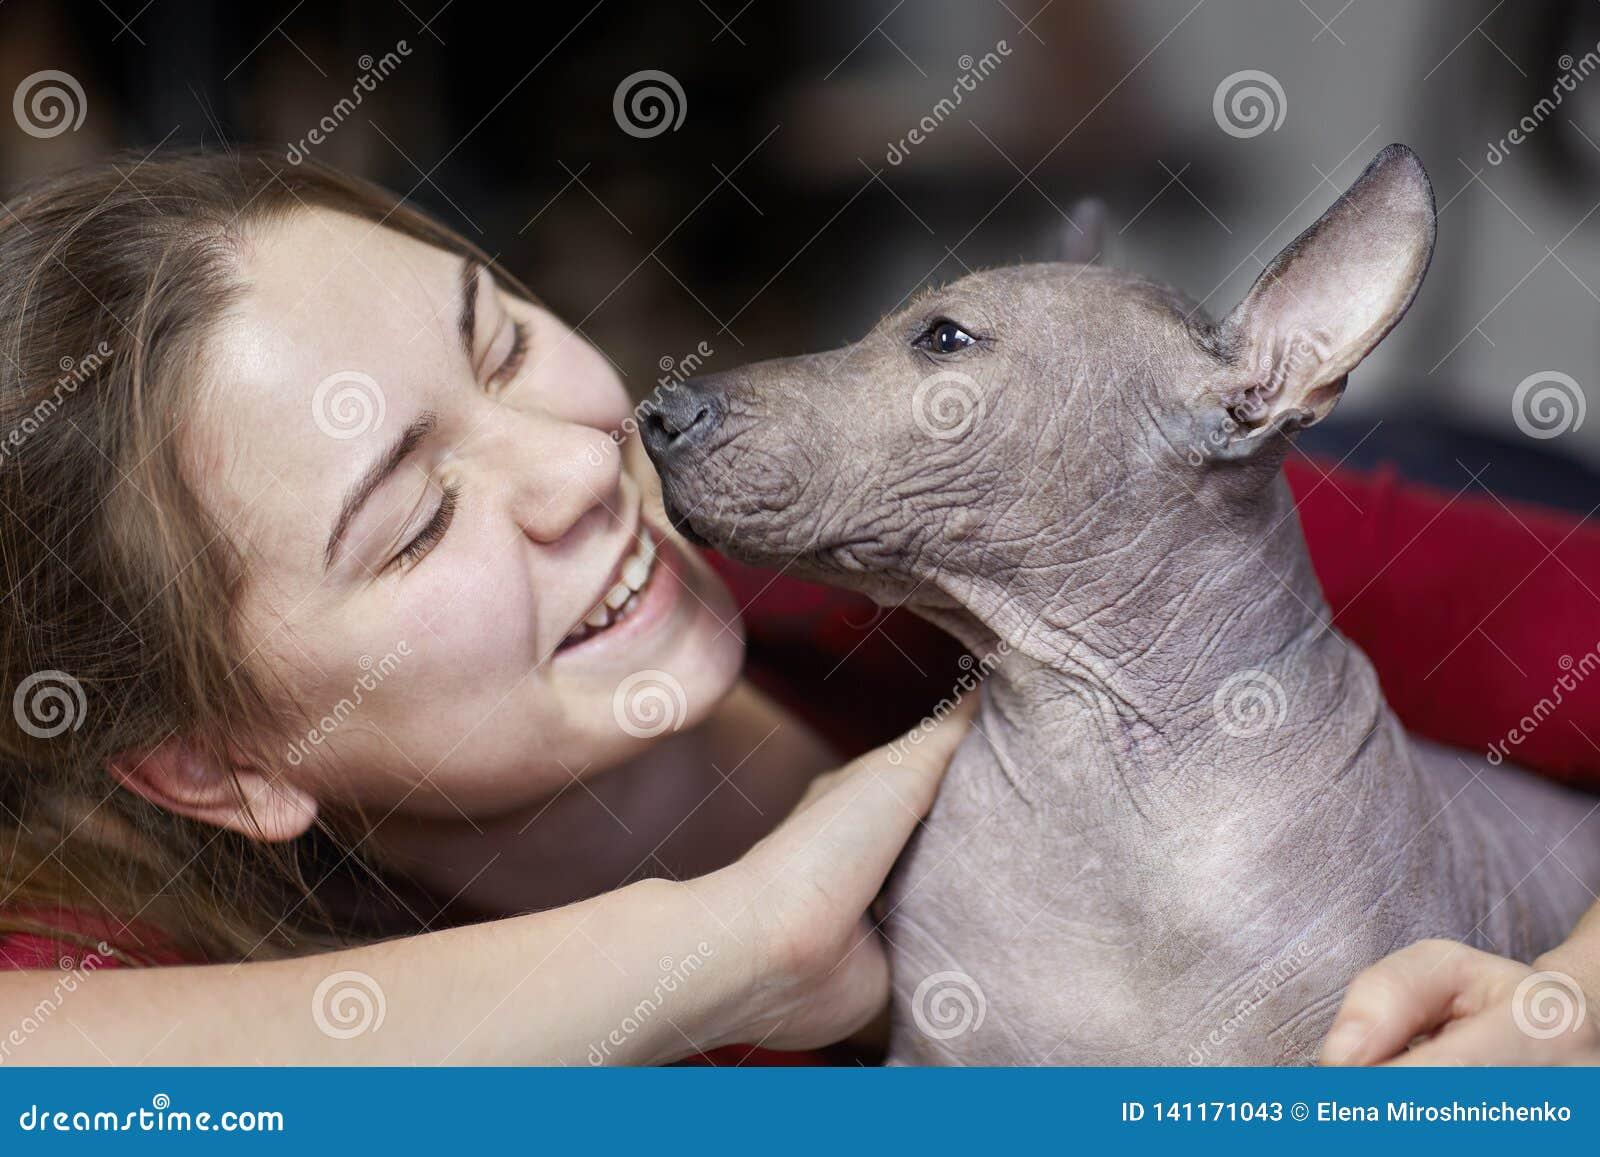 Τα δύο μηνών κουταβιών της σπάνιας φυλής - Xoloitzcuintle, ή μεξικάνικο άτριχο σκυλί, τυποποιημένο μέγεθος, με τη νέα γελώντας γυ